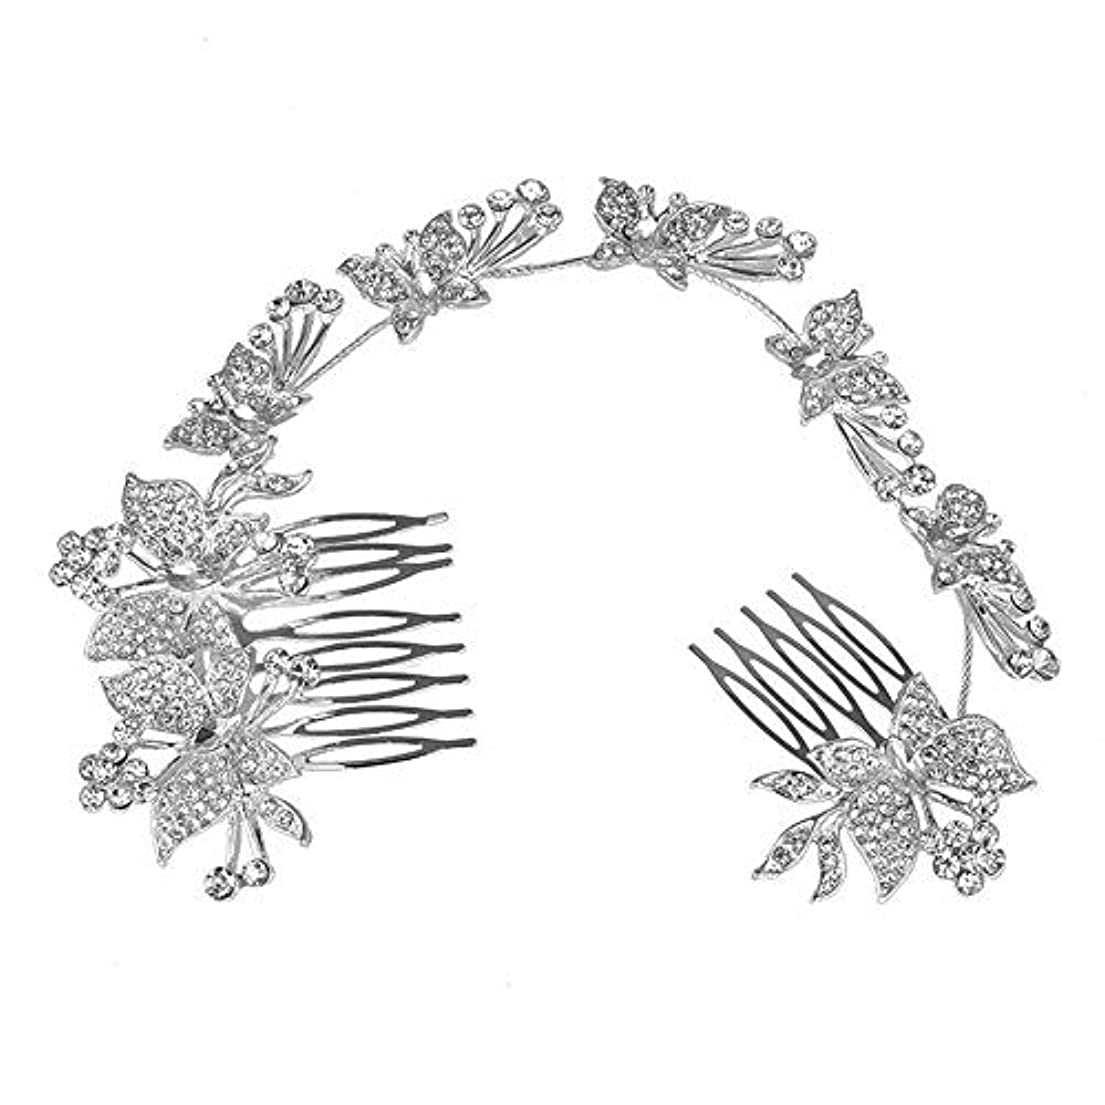 ローン速度バスタブ髪の櫛、櫛、蝶、髪の櫛、ブライダル髪の櫛、結婚式の髪の櫛、ラインストーンの櫛、ヘッドギア